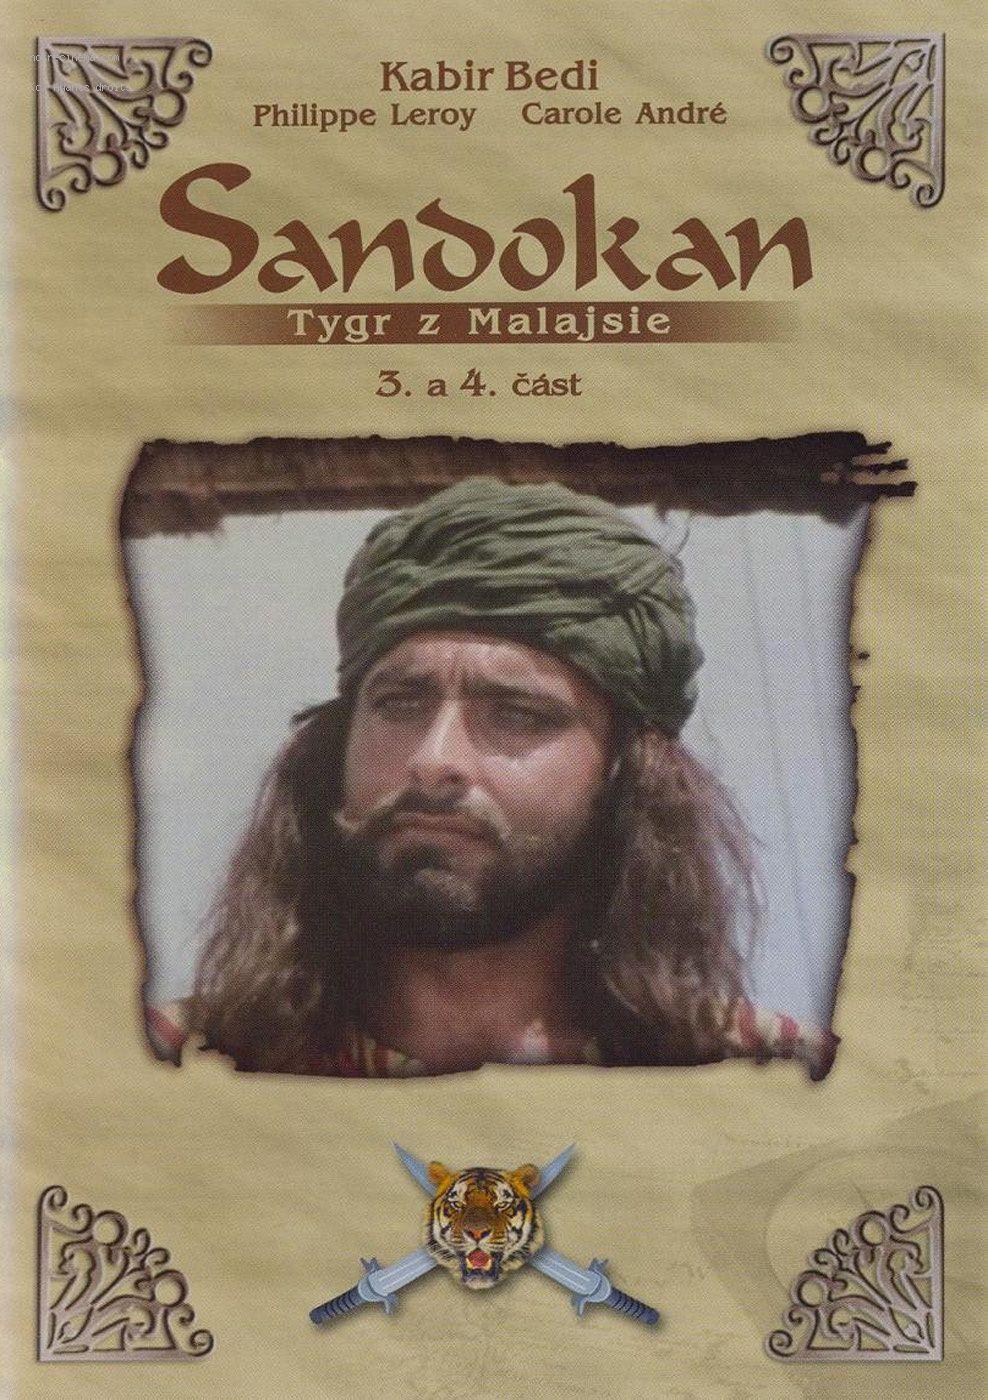 Sandokan #TVseries